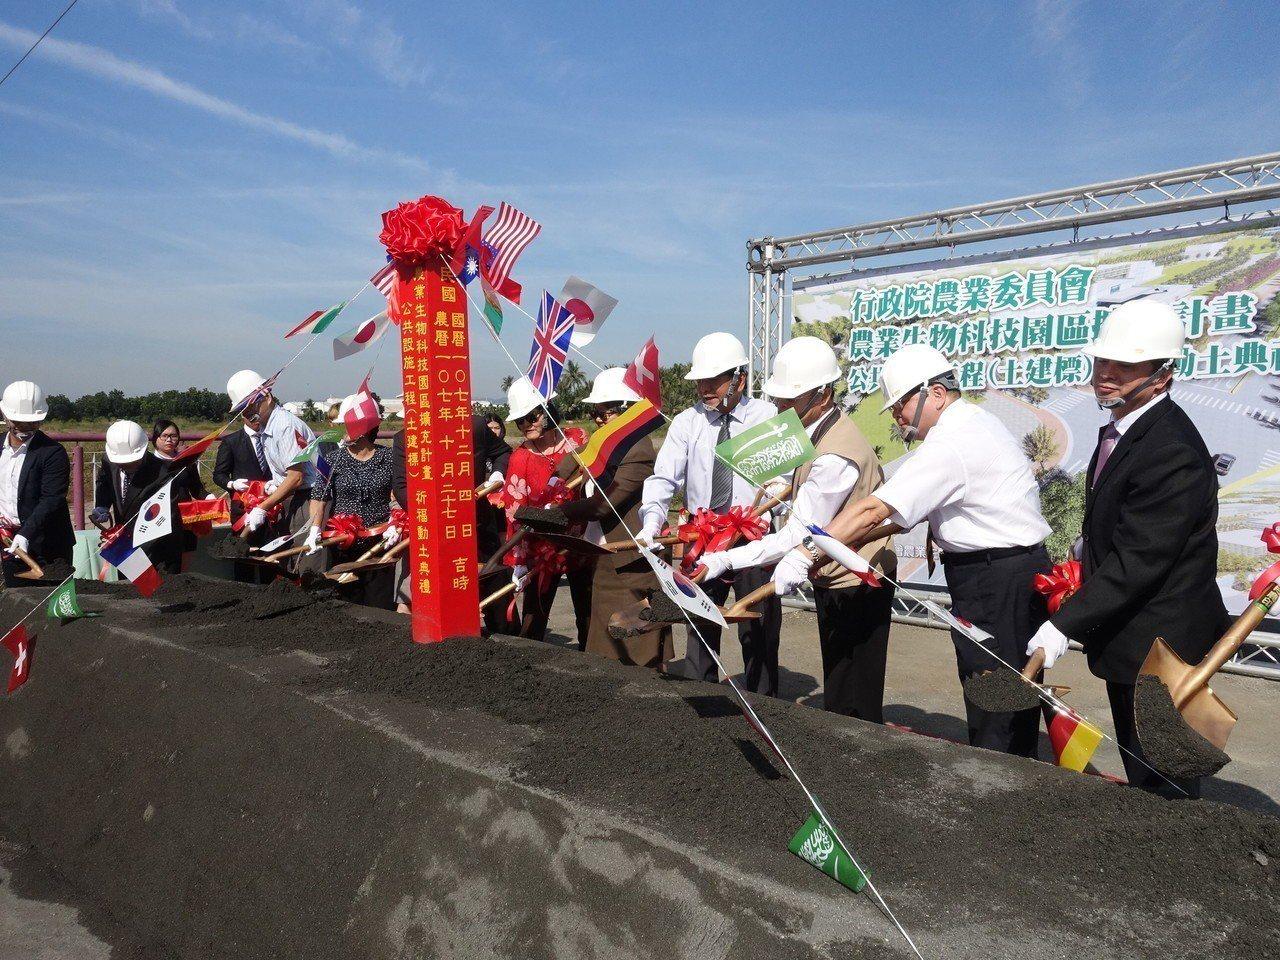 屏東農業生物科技園區今天上午舉行擴充區基礎工程動土儀式。記者翁禎霞/攝影